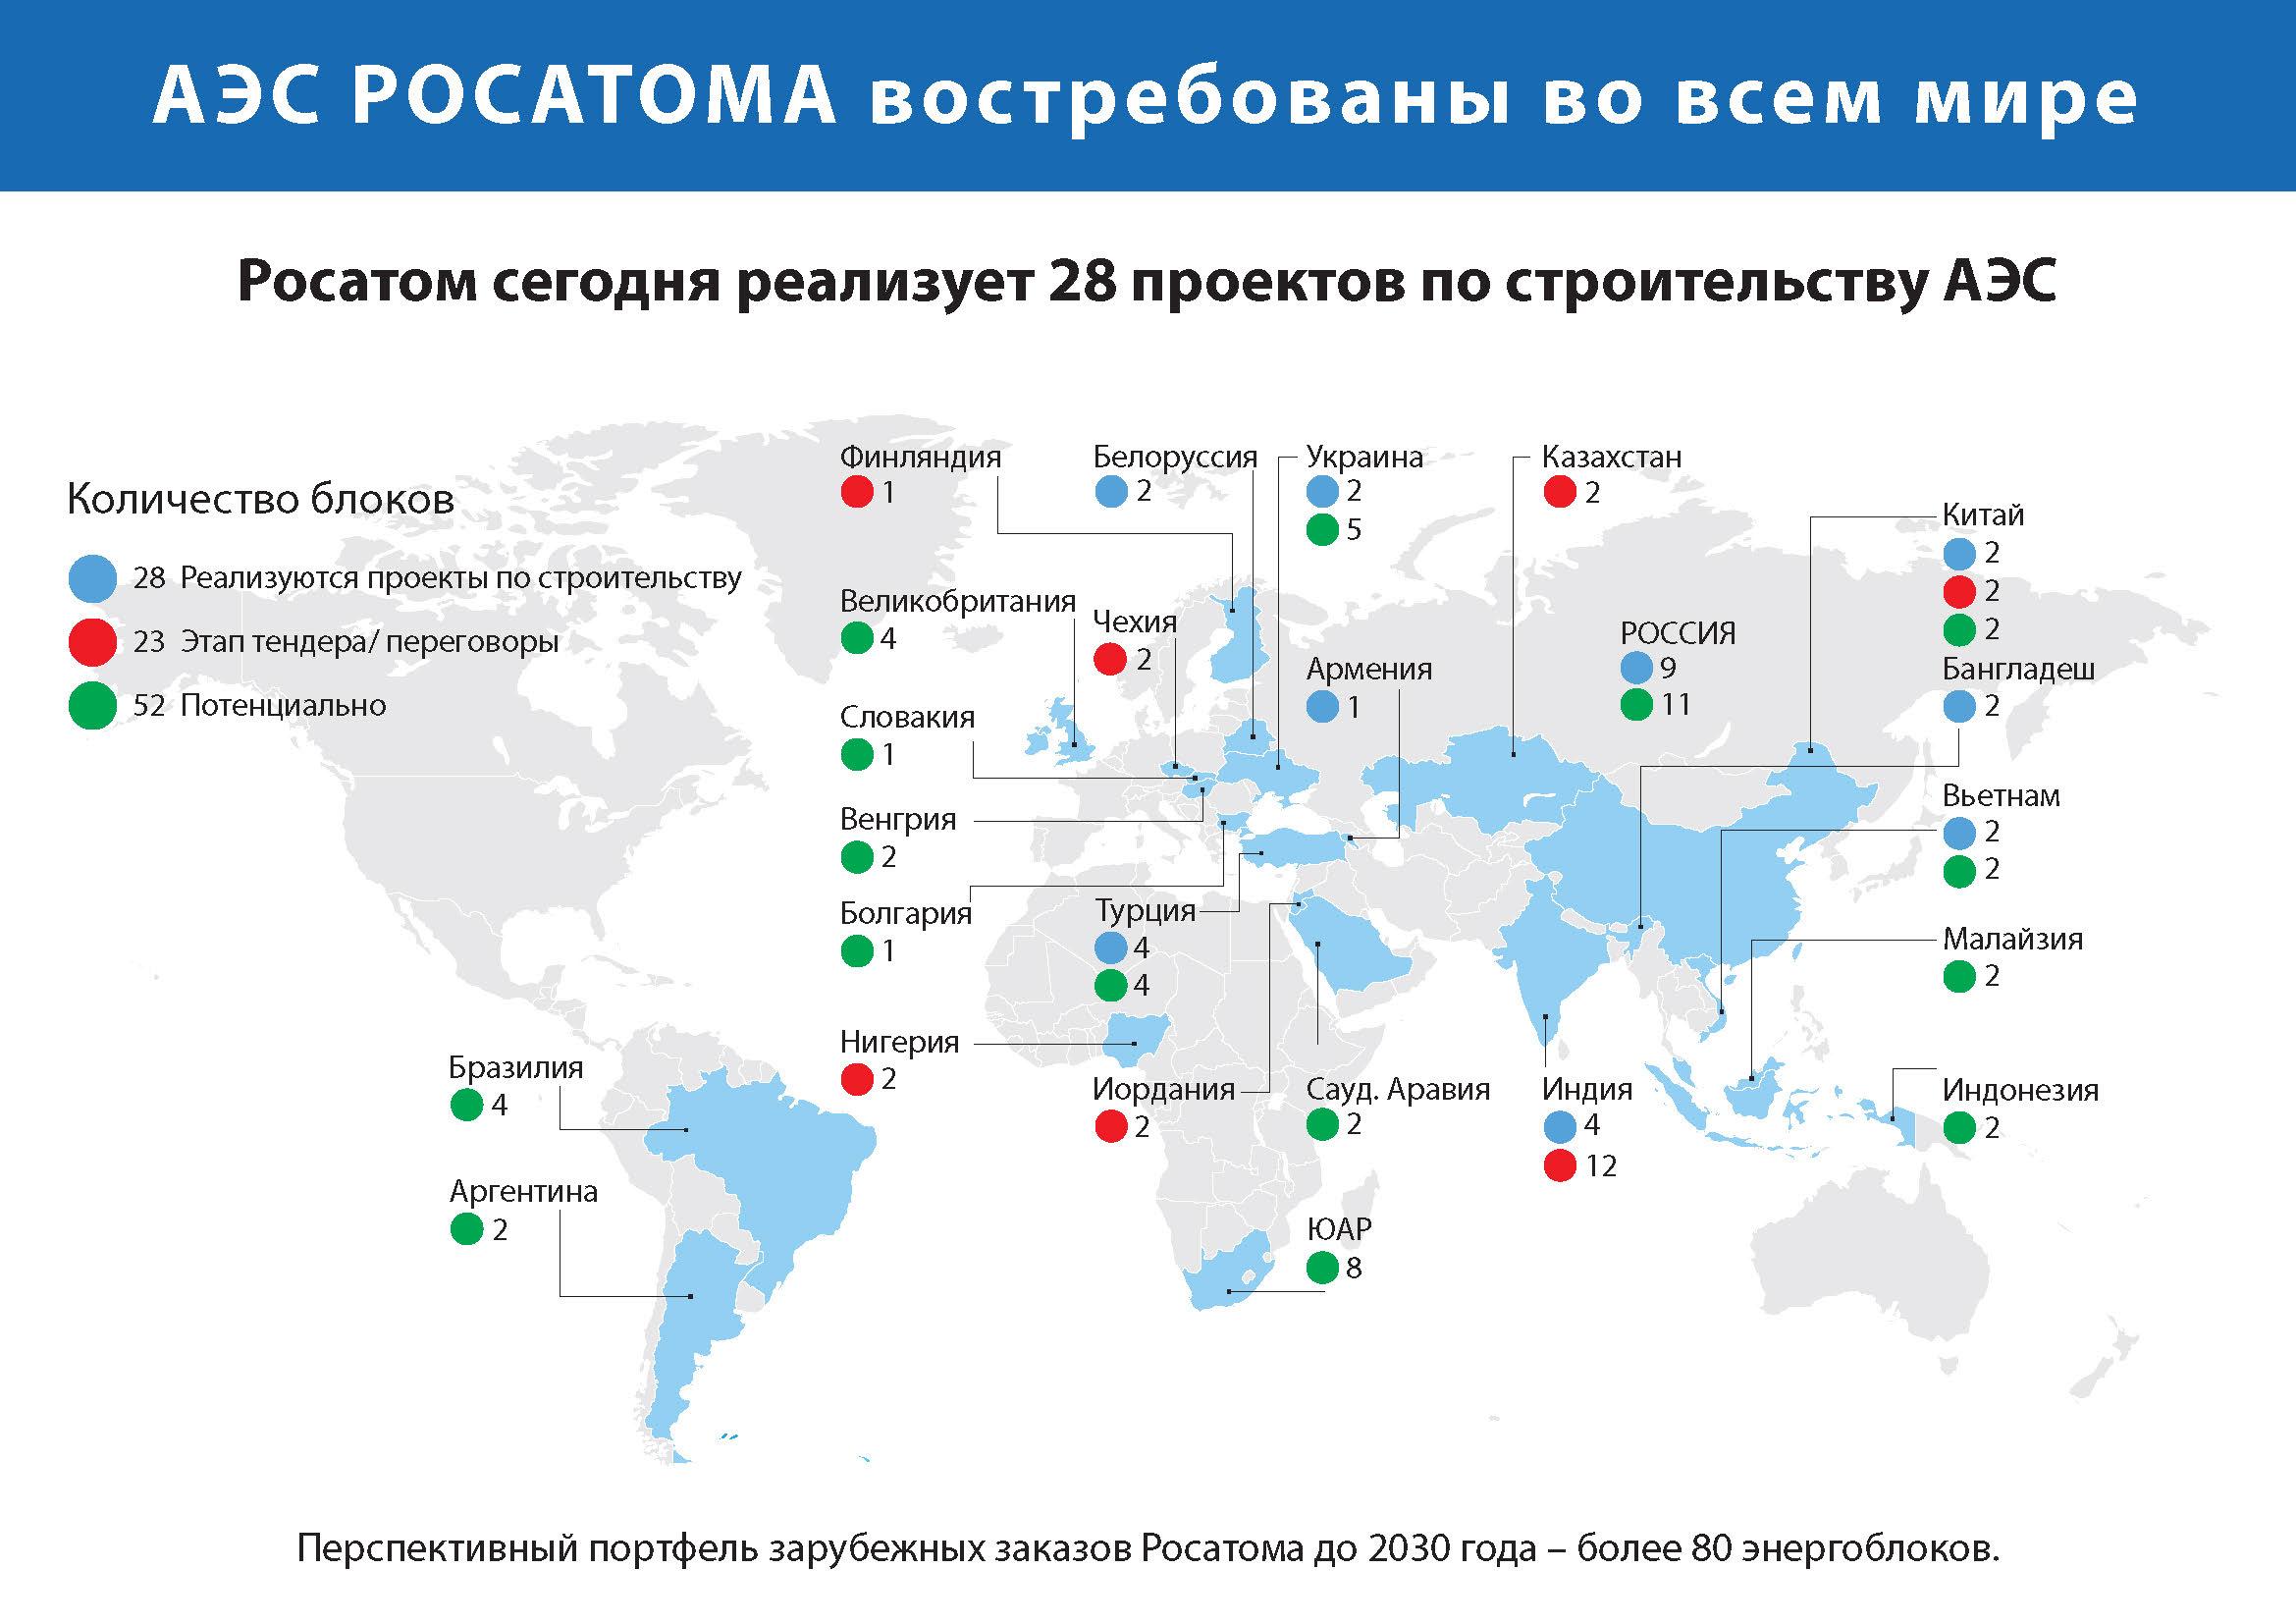 Список аэс россии. сколько аэс в россии